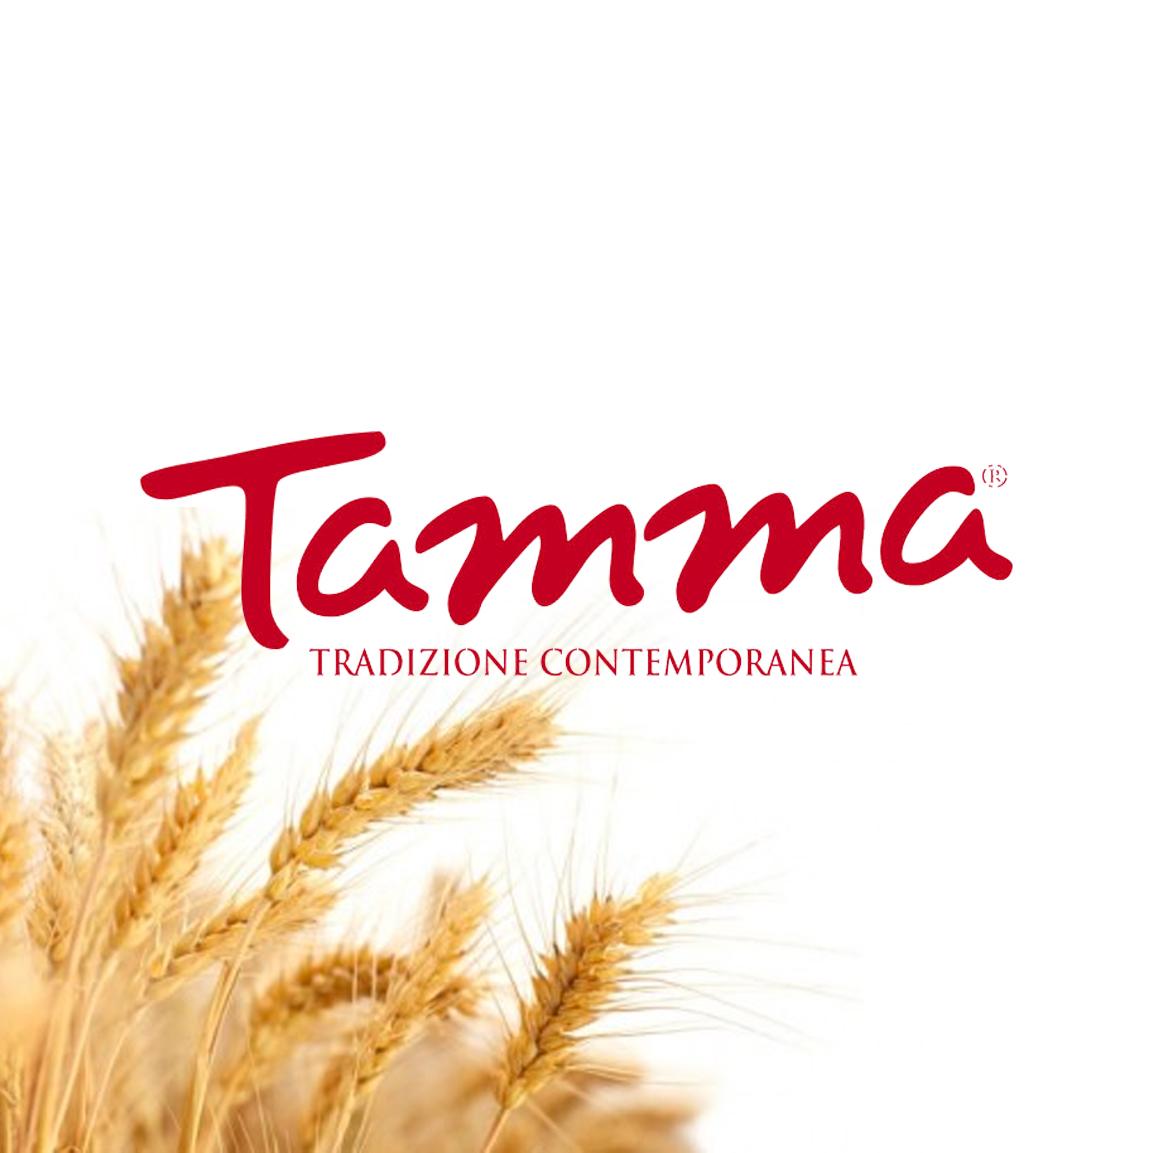 Pasta Tamma sceglie il Gruppo Roncaglia per il rilancio della marca